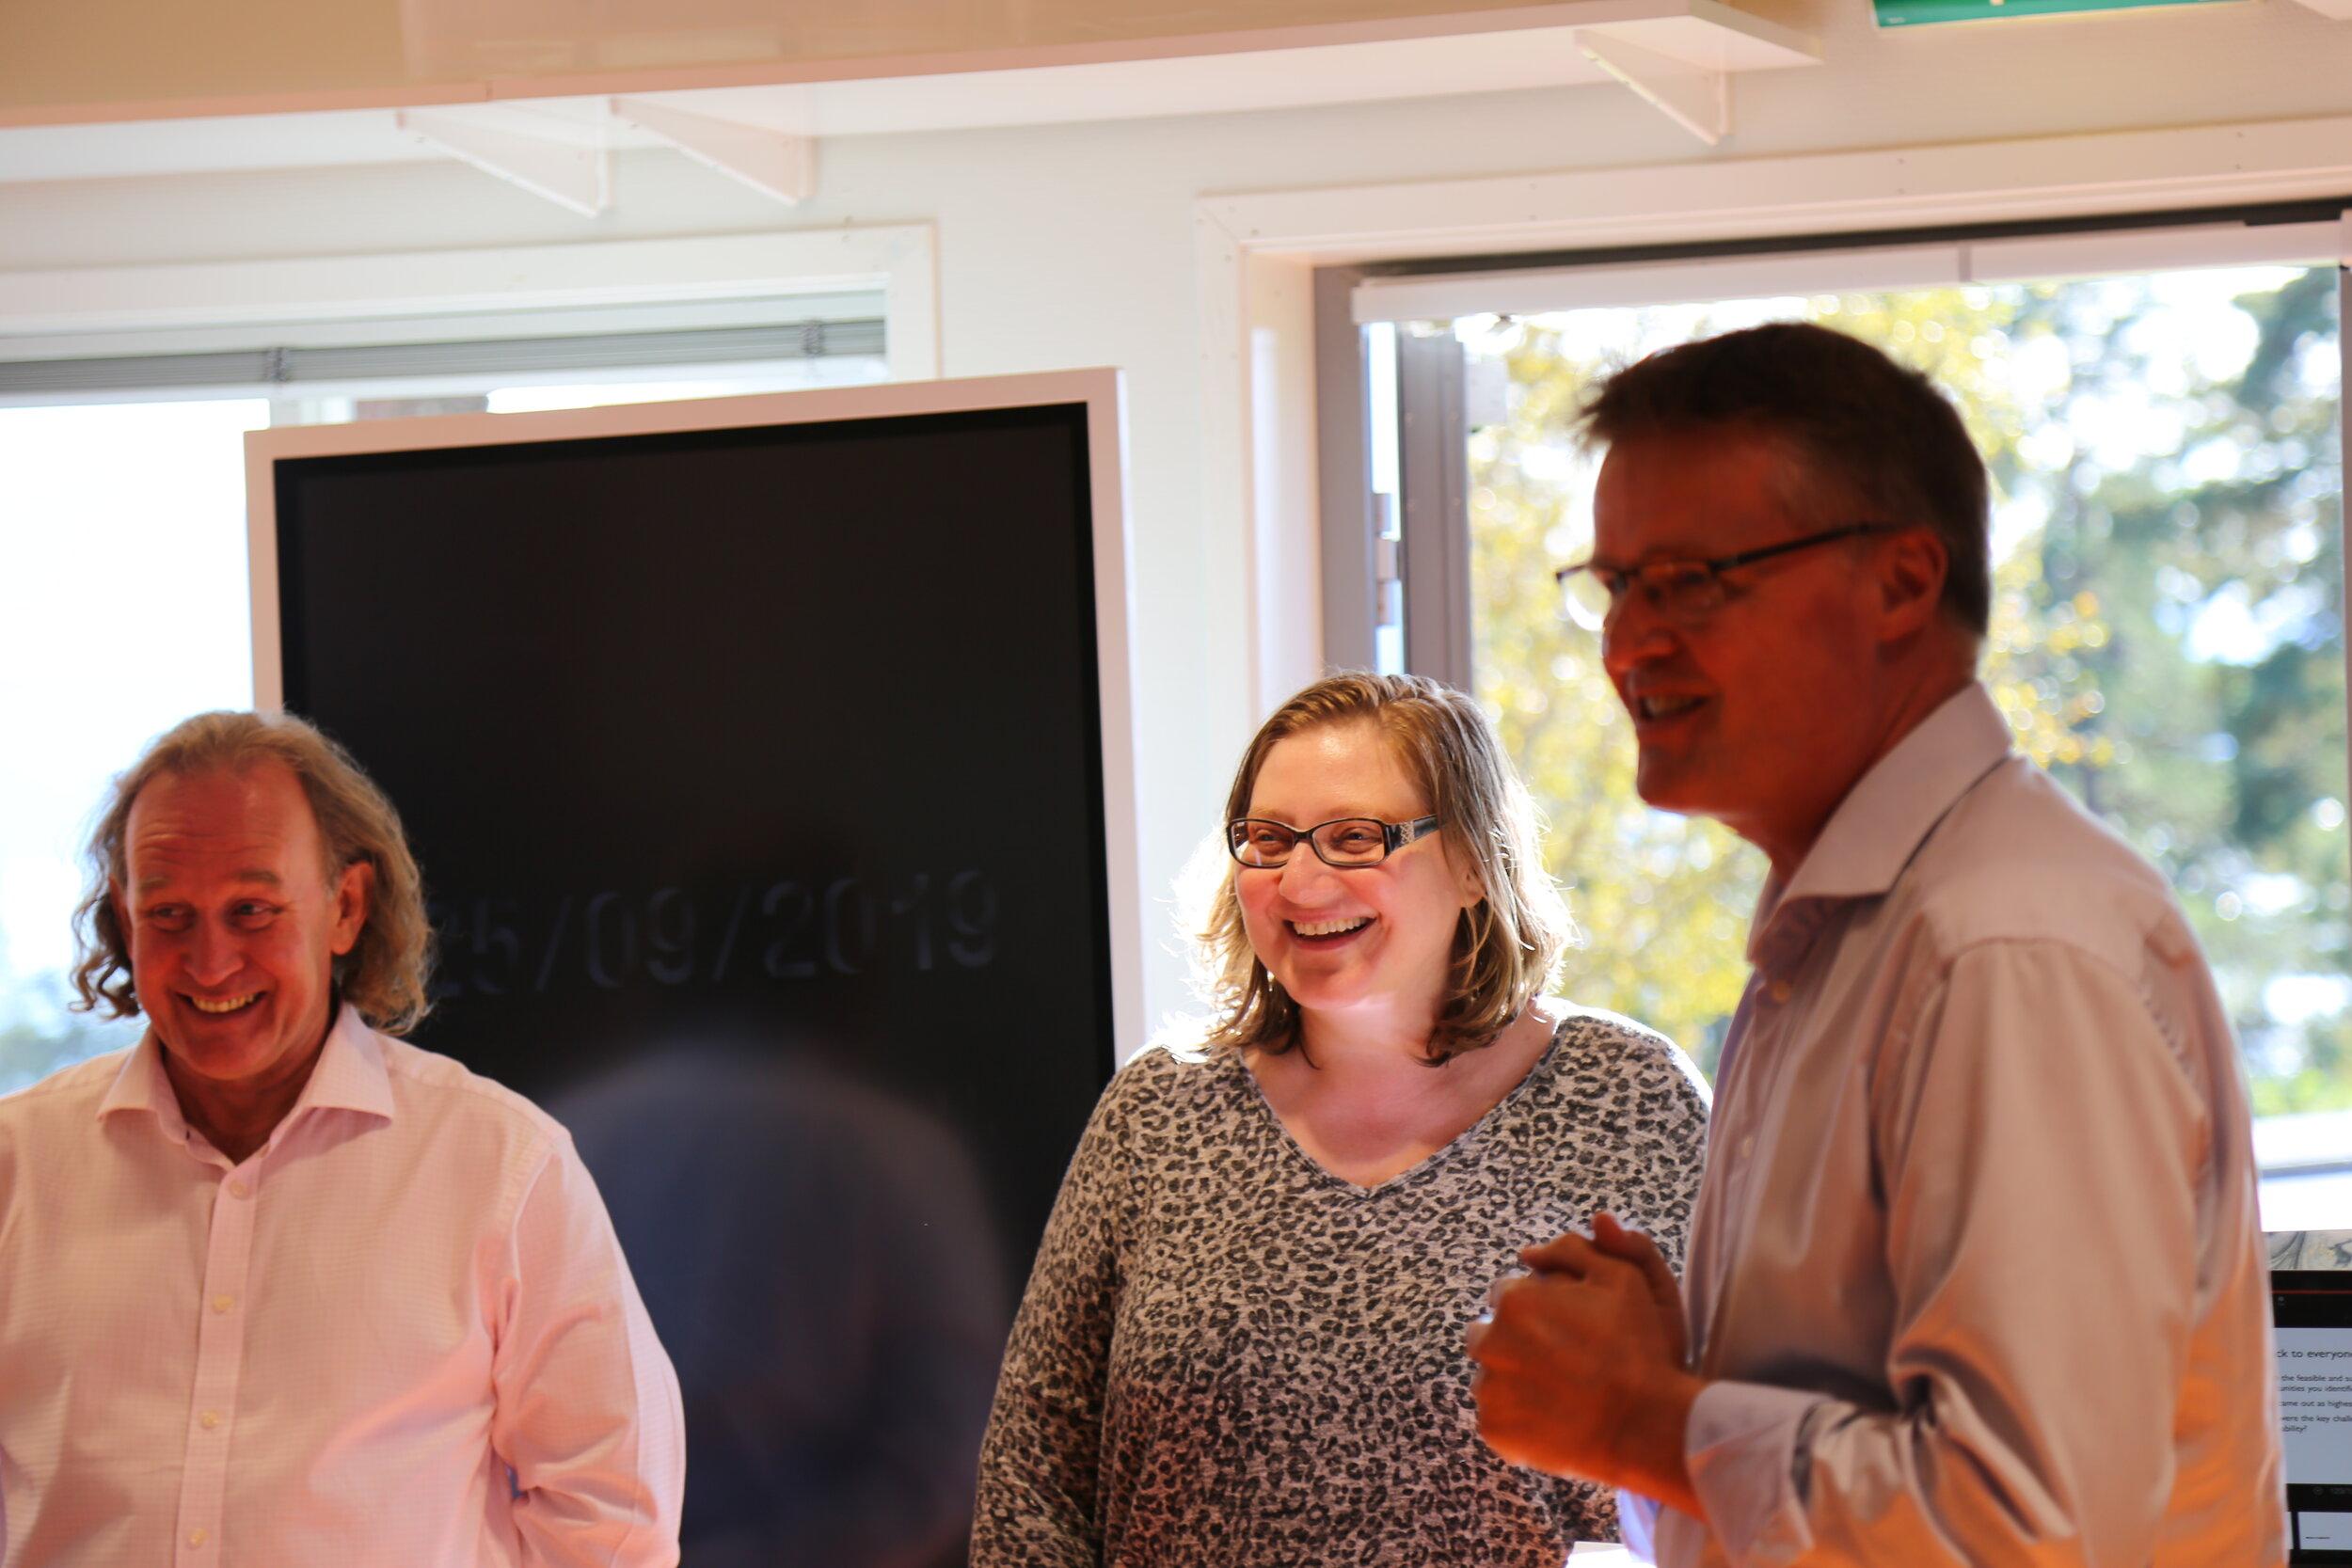 Iam Bamford og Dr. Doroteya Vladimirova fra Center for Industrial Sustainability ved Institute for Manufacturing på University of Cambridge med Arne Larsen, prosjektleder, i Innovasjonslaben.